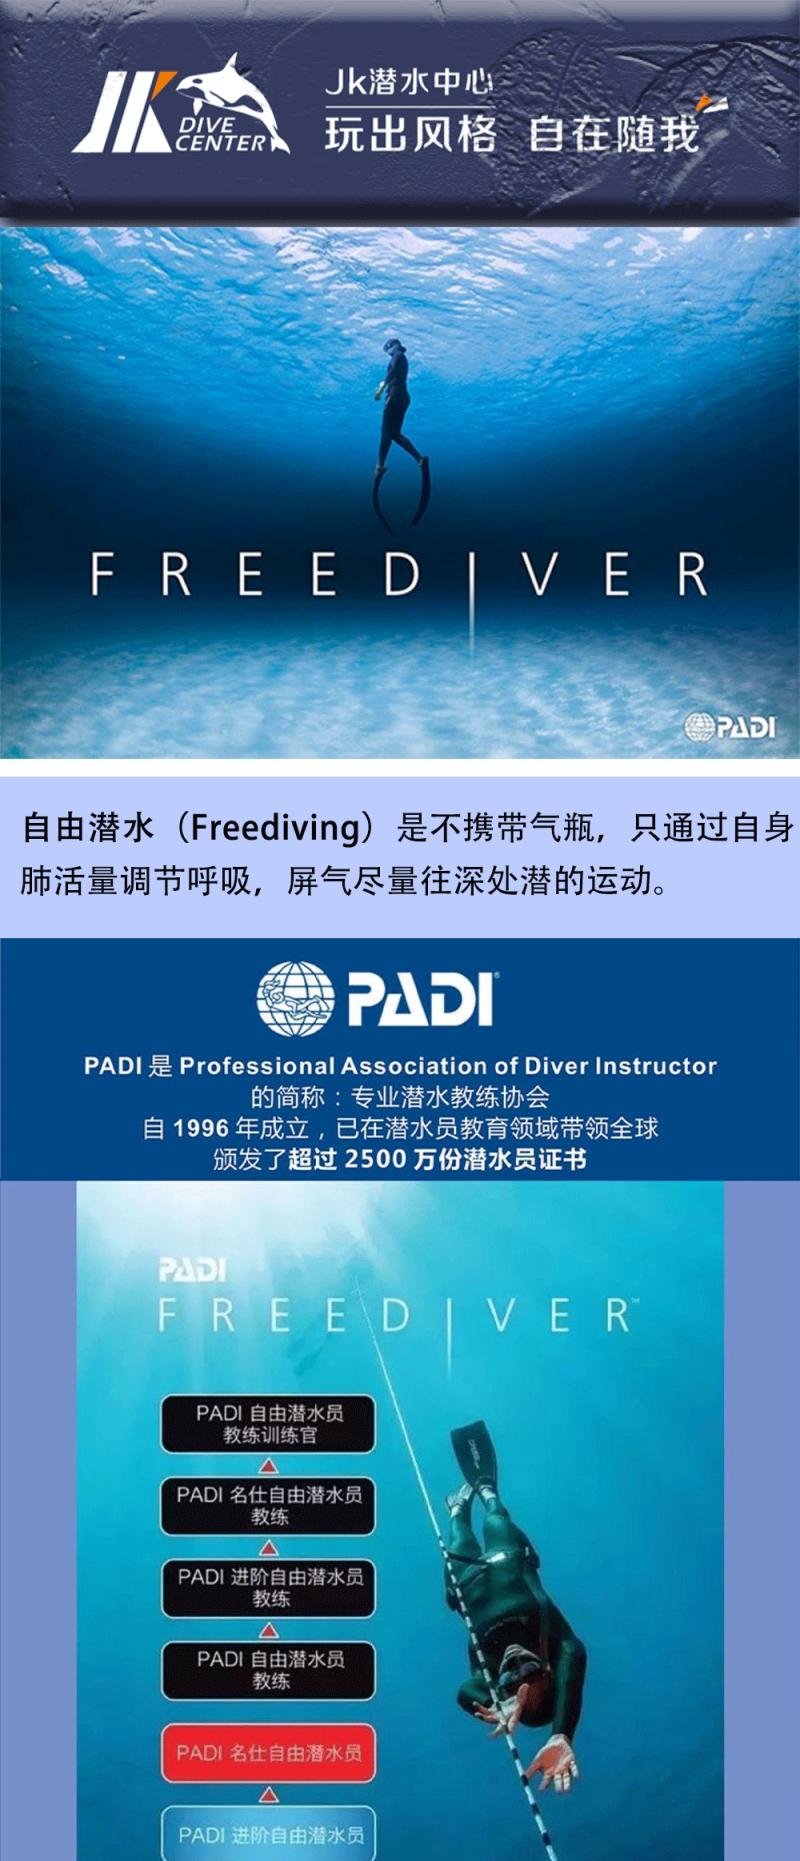 PADI自由潜水